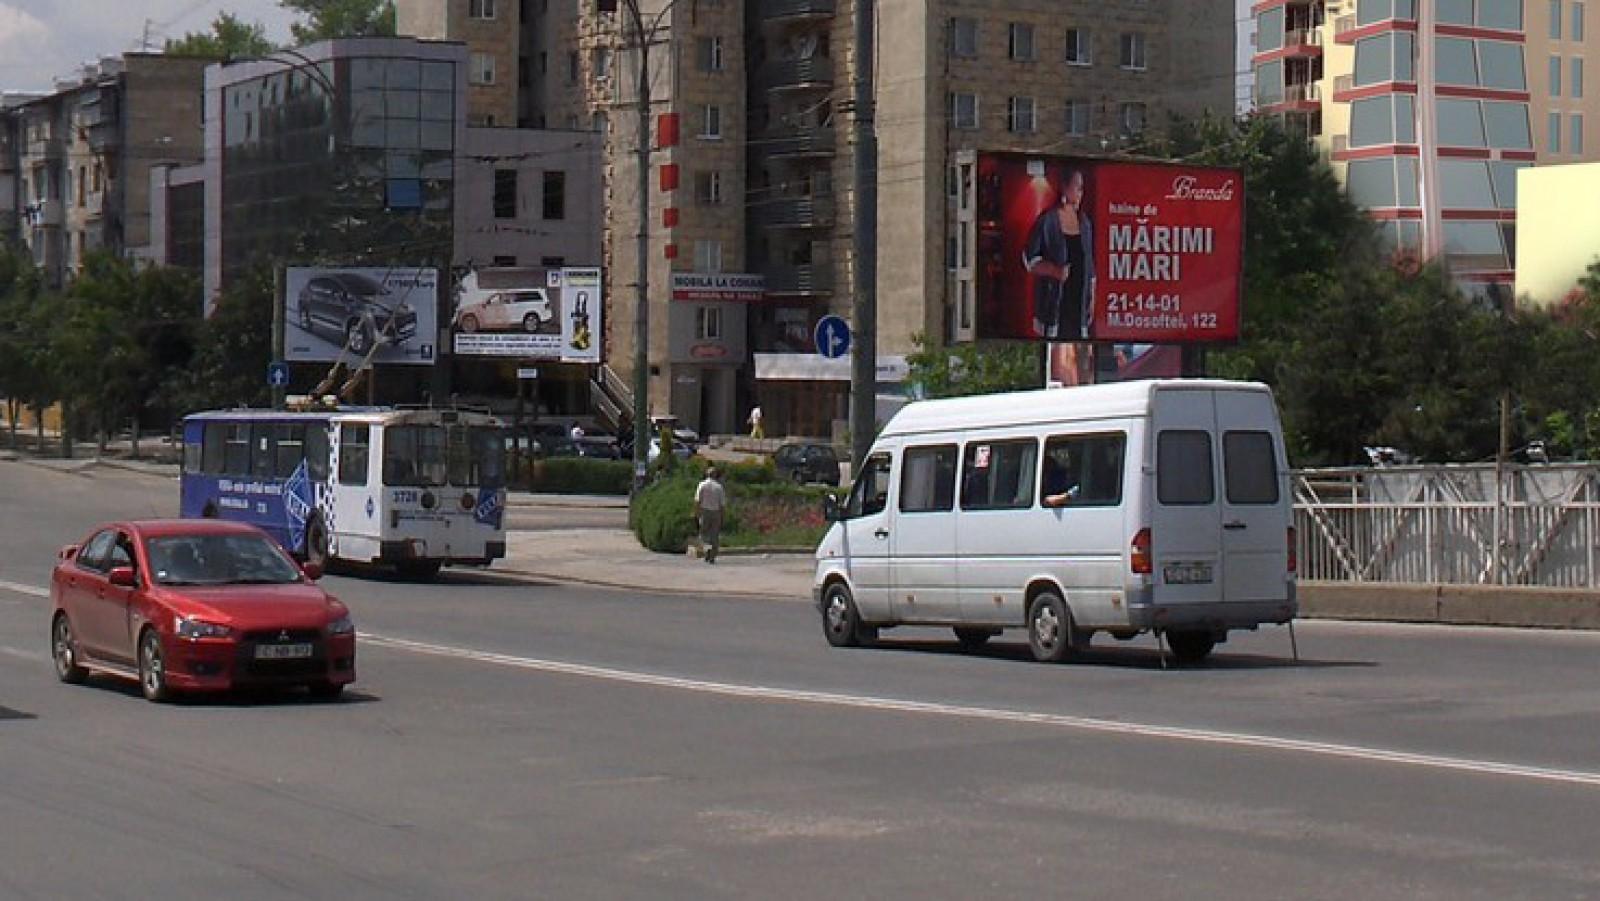 (foto) Un nou indicator, care nici nu există în Regulament, a apărut în Chişinău şi i-a revoltat pe şoferi